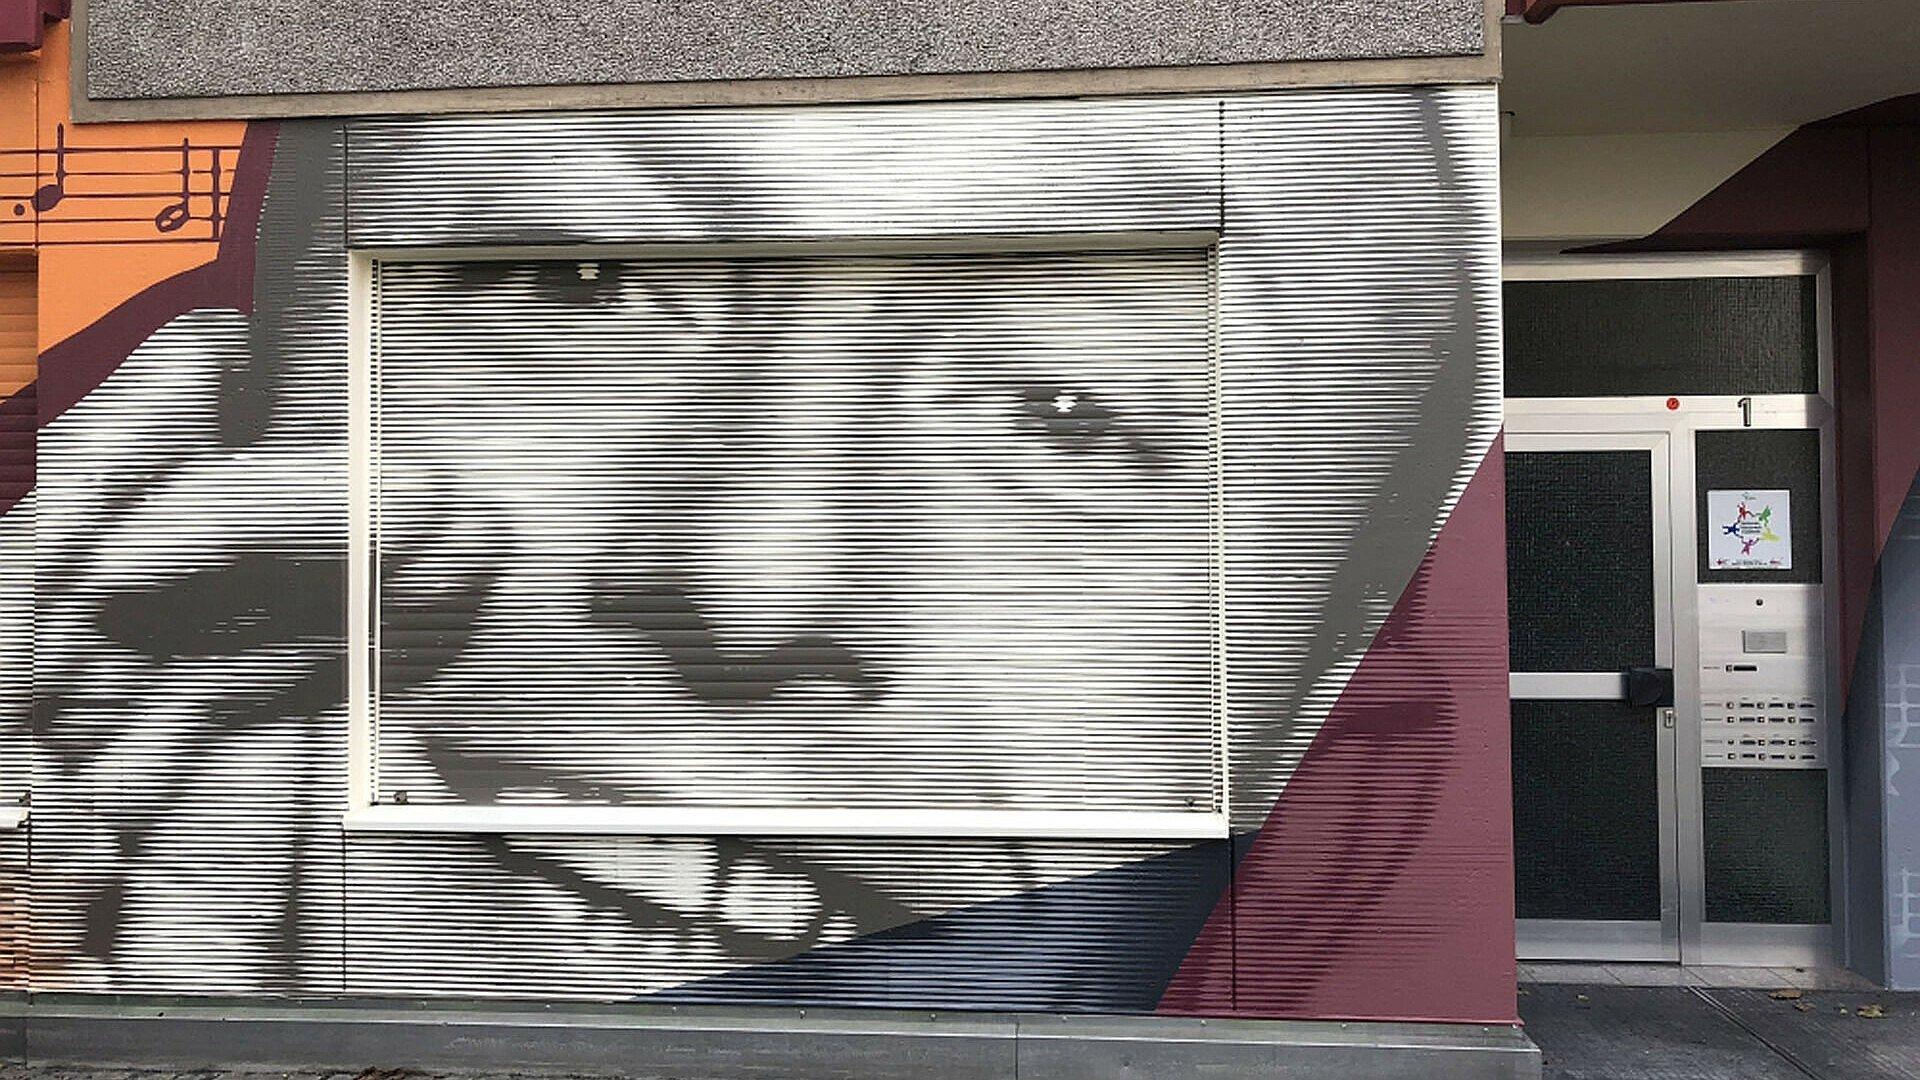 Mit Rastertechnik gestaltetes Fassadenteil in der Südstadt